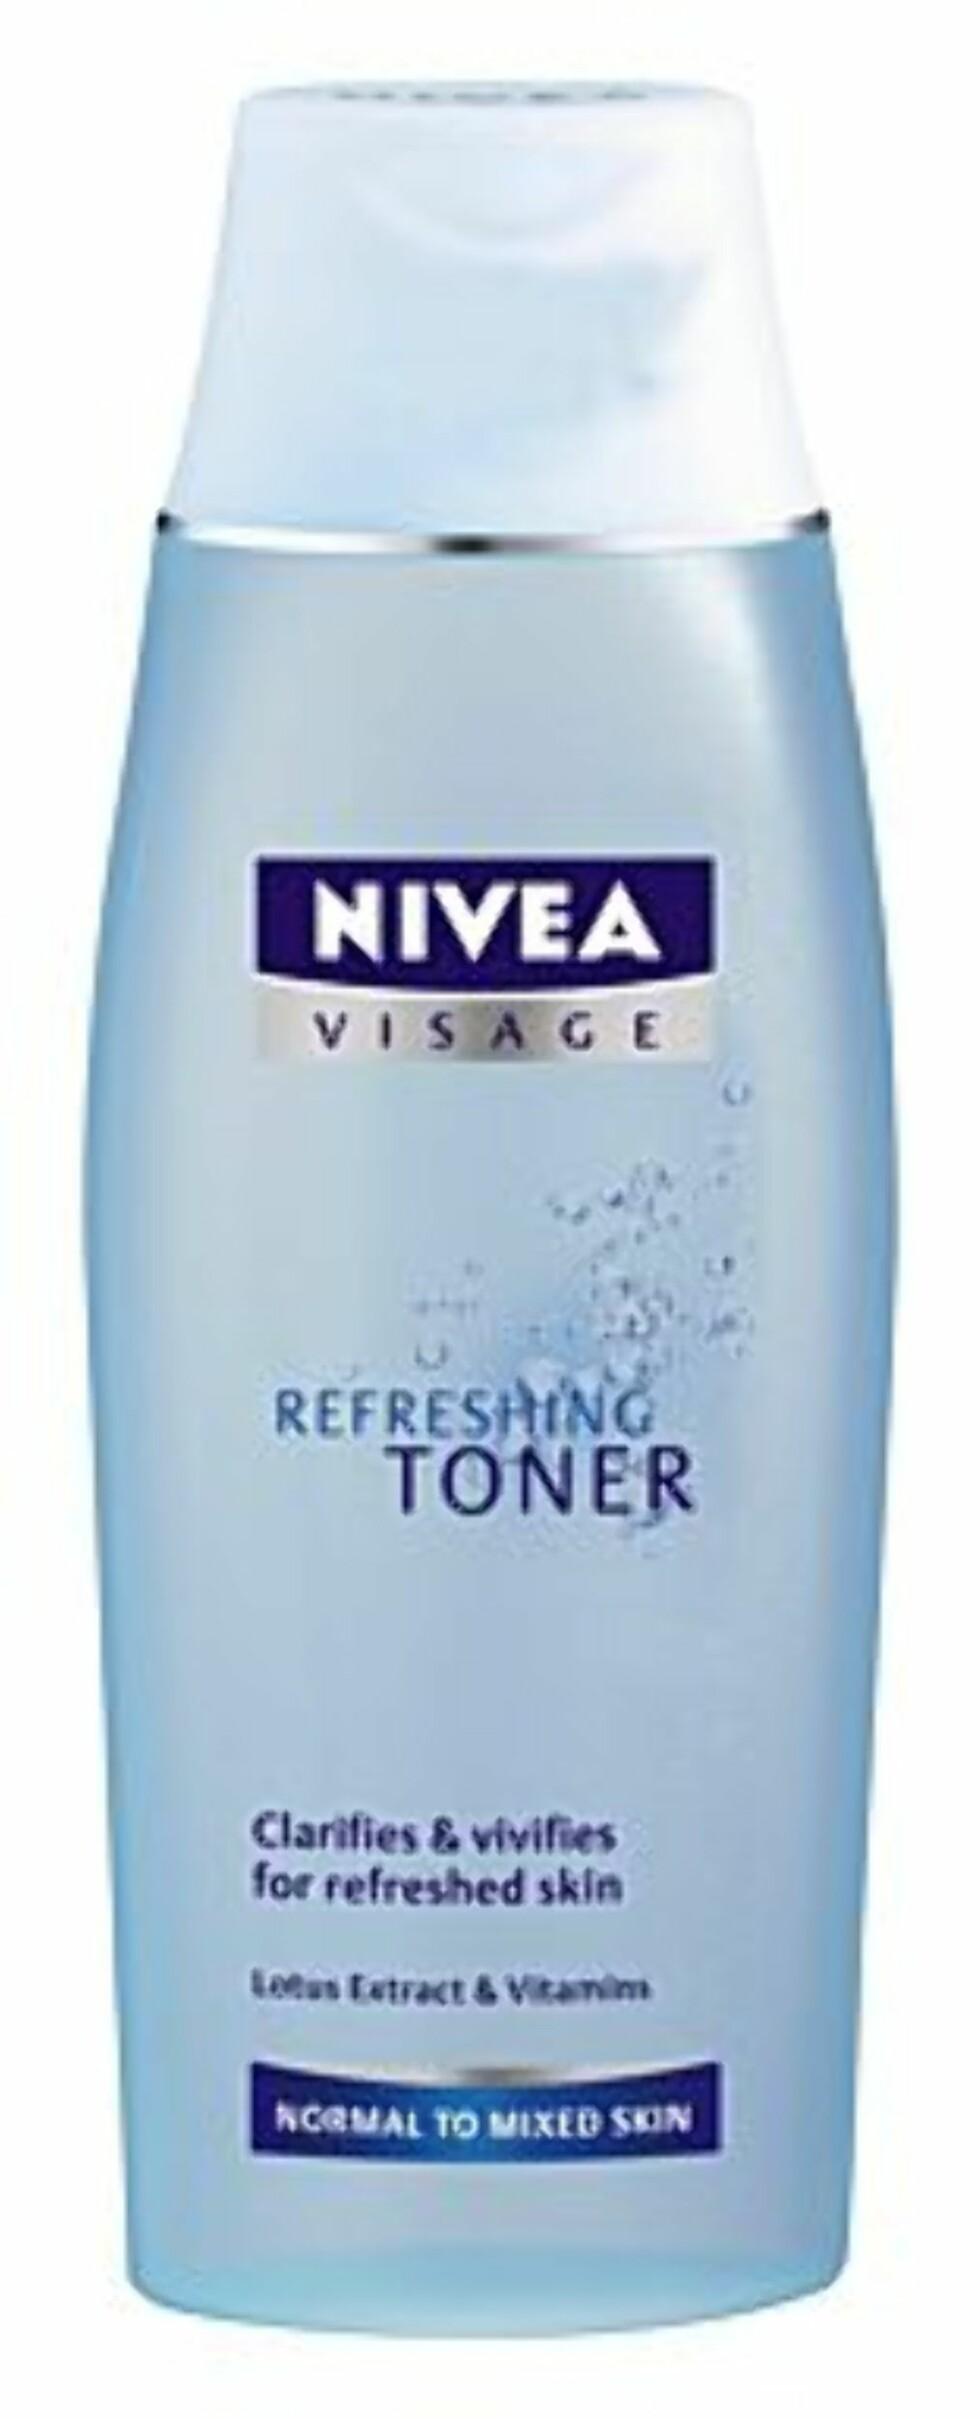 Refreshing Toner skal klarne huden på en mild måte. Den er beriktet med lotusekstrakter og vitaminer (kr 60, Nivea).